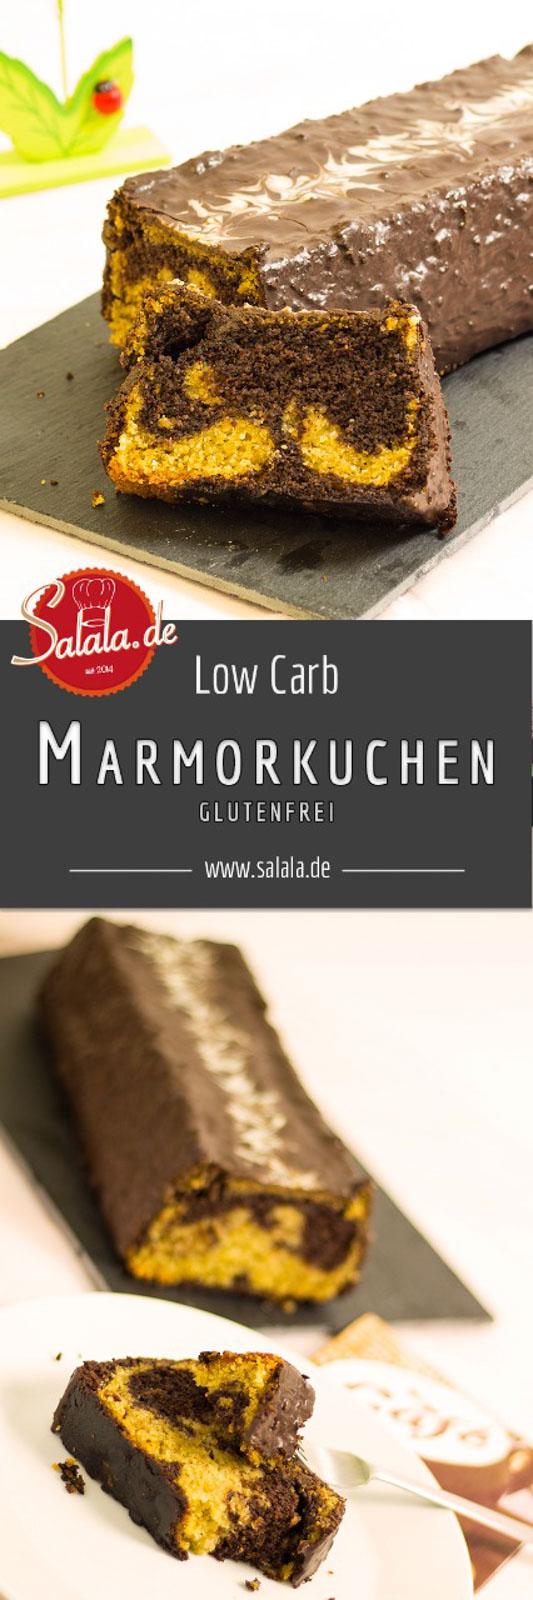 Marmorkuchen low carb, glutenfrei, zuckerfrei, mehlfrei - salala.de - Lockerer und saftiger Marmorkuchen ohne Schnickschnack